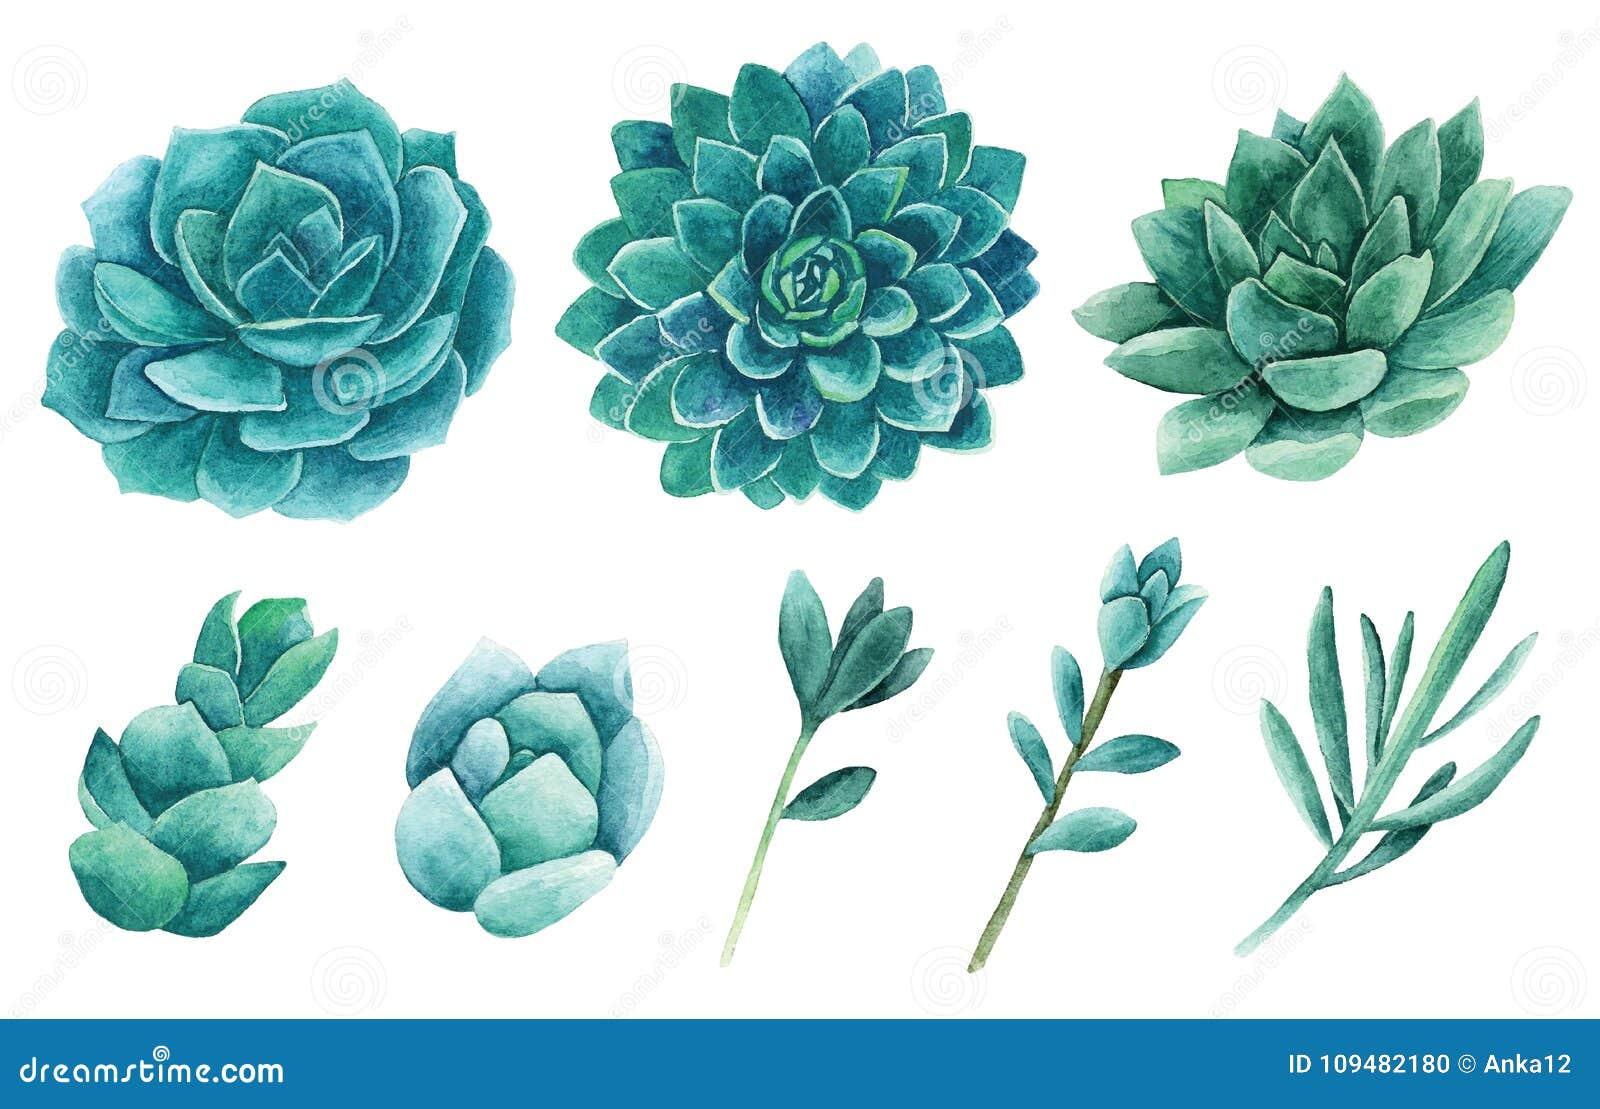 Watercolor succulents vector clip art. Green cactus clipart